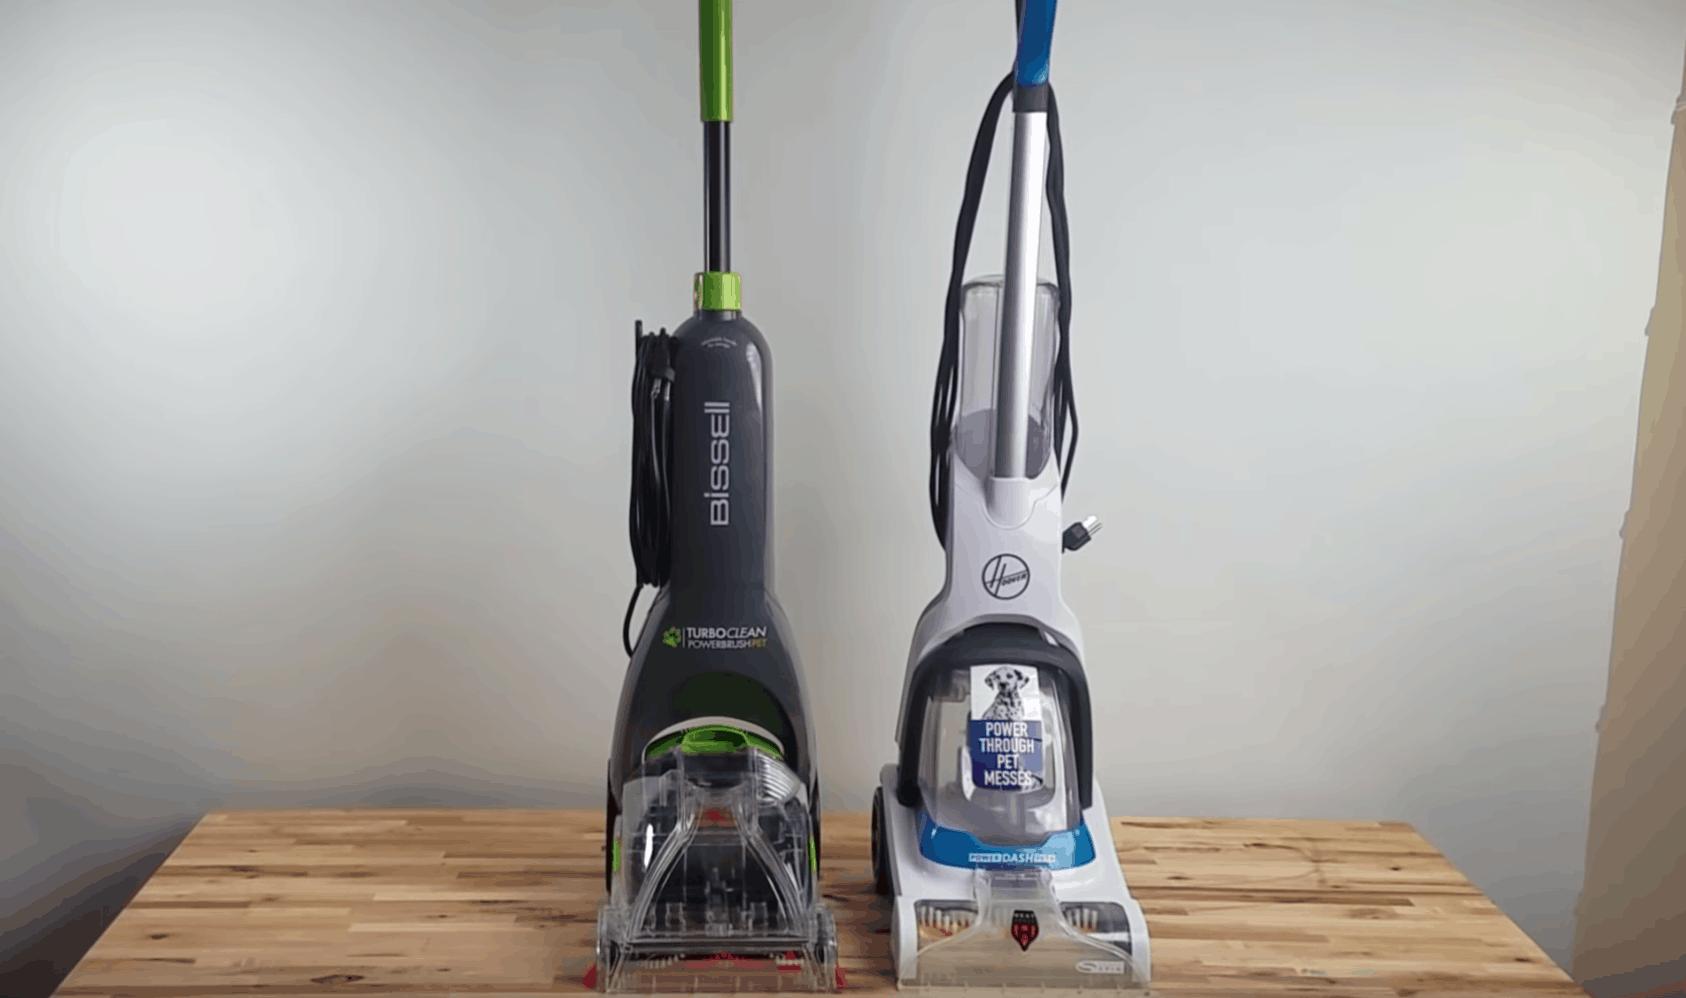 Best Lightweight Carpet Cleaners